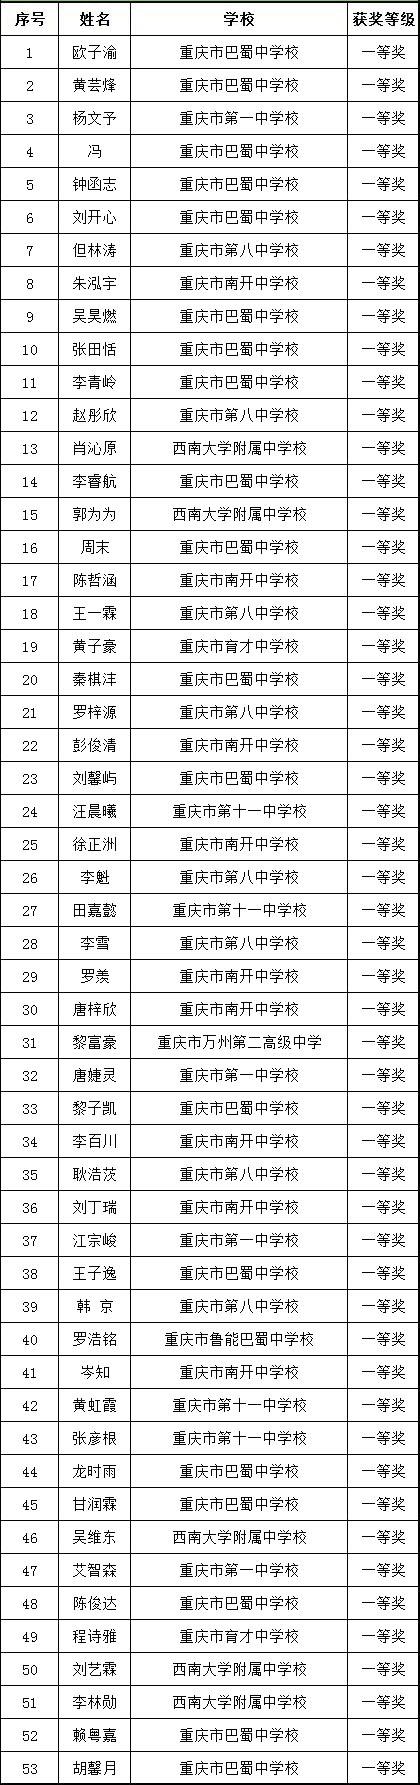 重庆市2018年全国中学生生物学联赛省一获奖名单